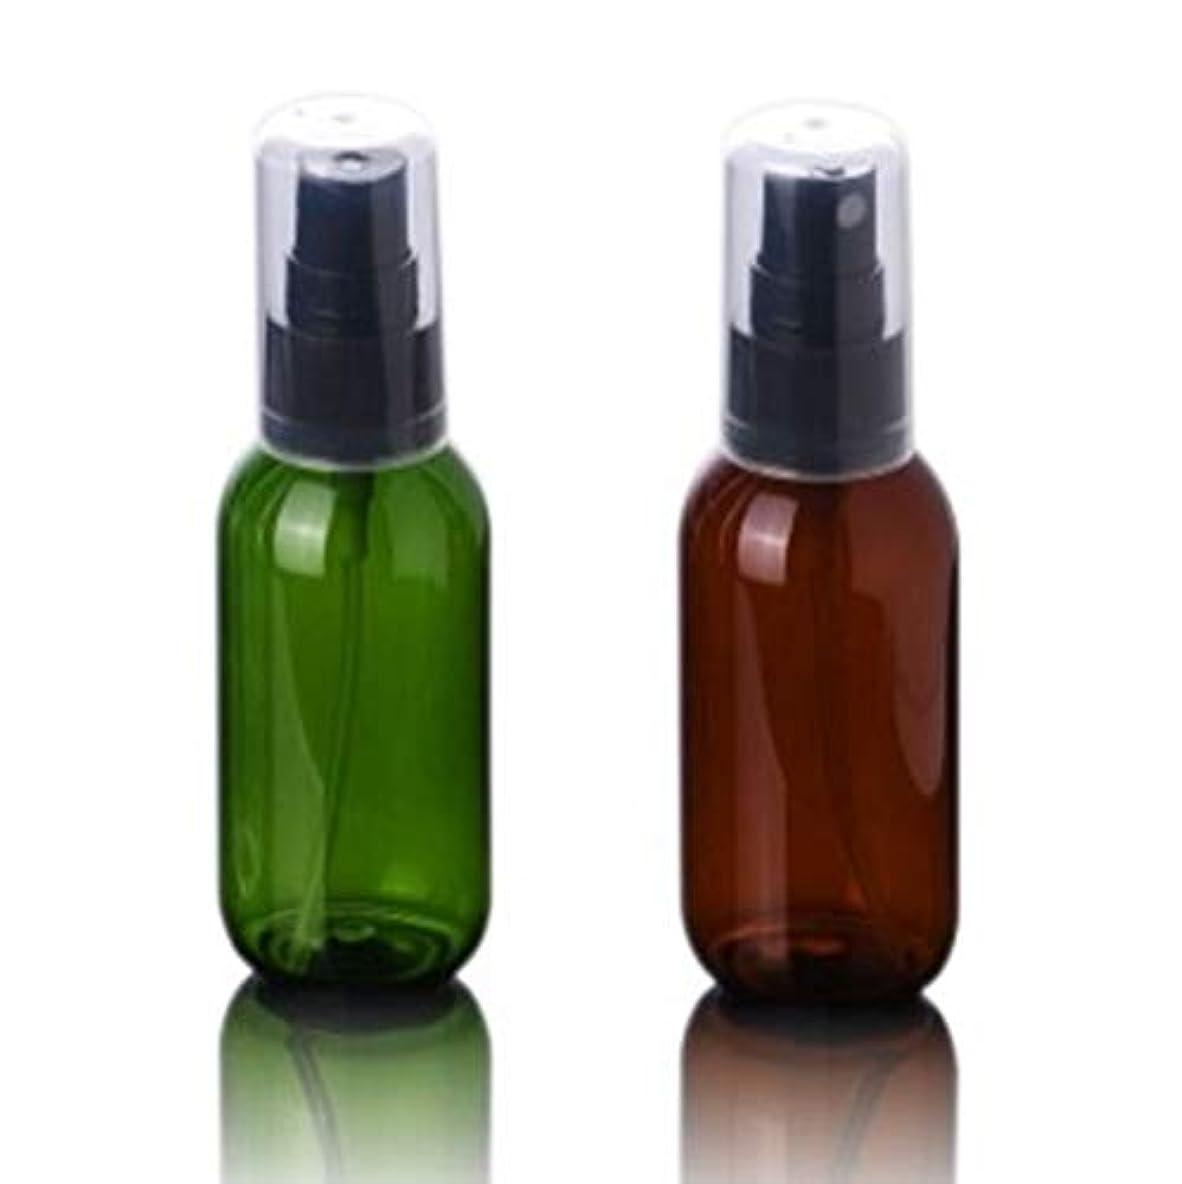 科学きゅうりかわすBijou Cat スプレーボトル 50ml プラスチック製本体 遮光 霧吹き 緑?茶色 2本セット